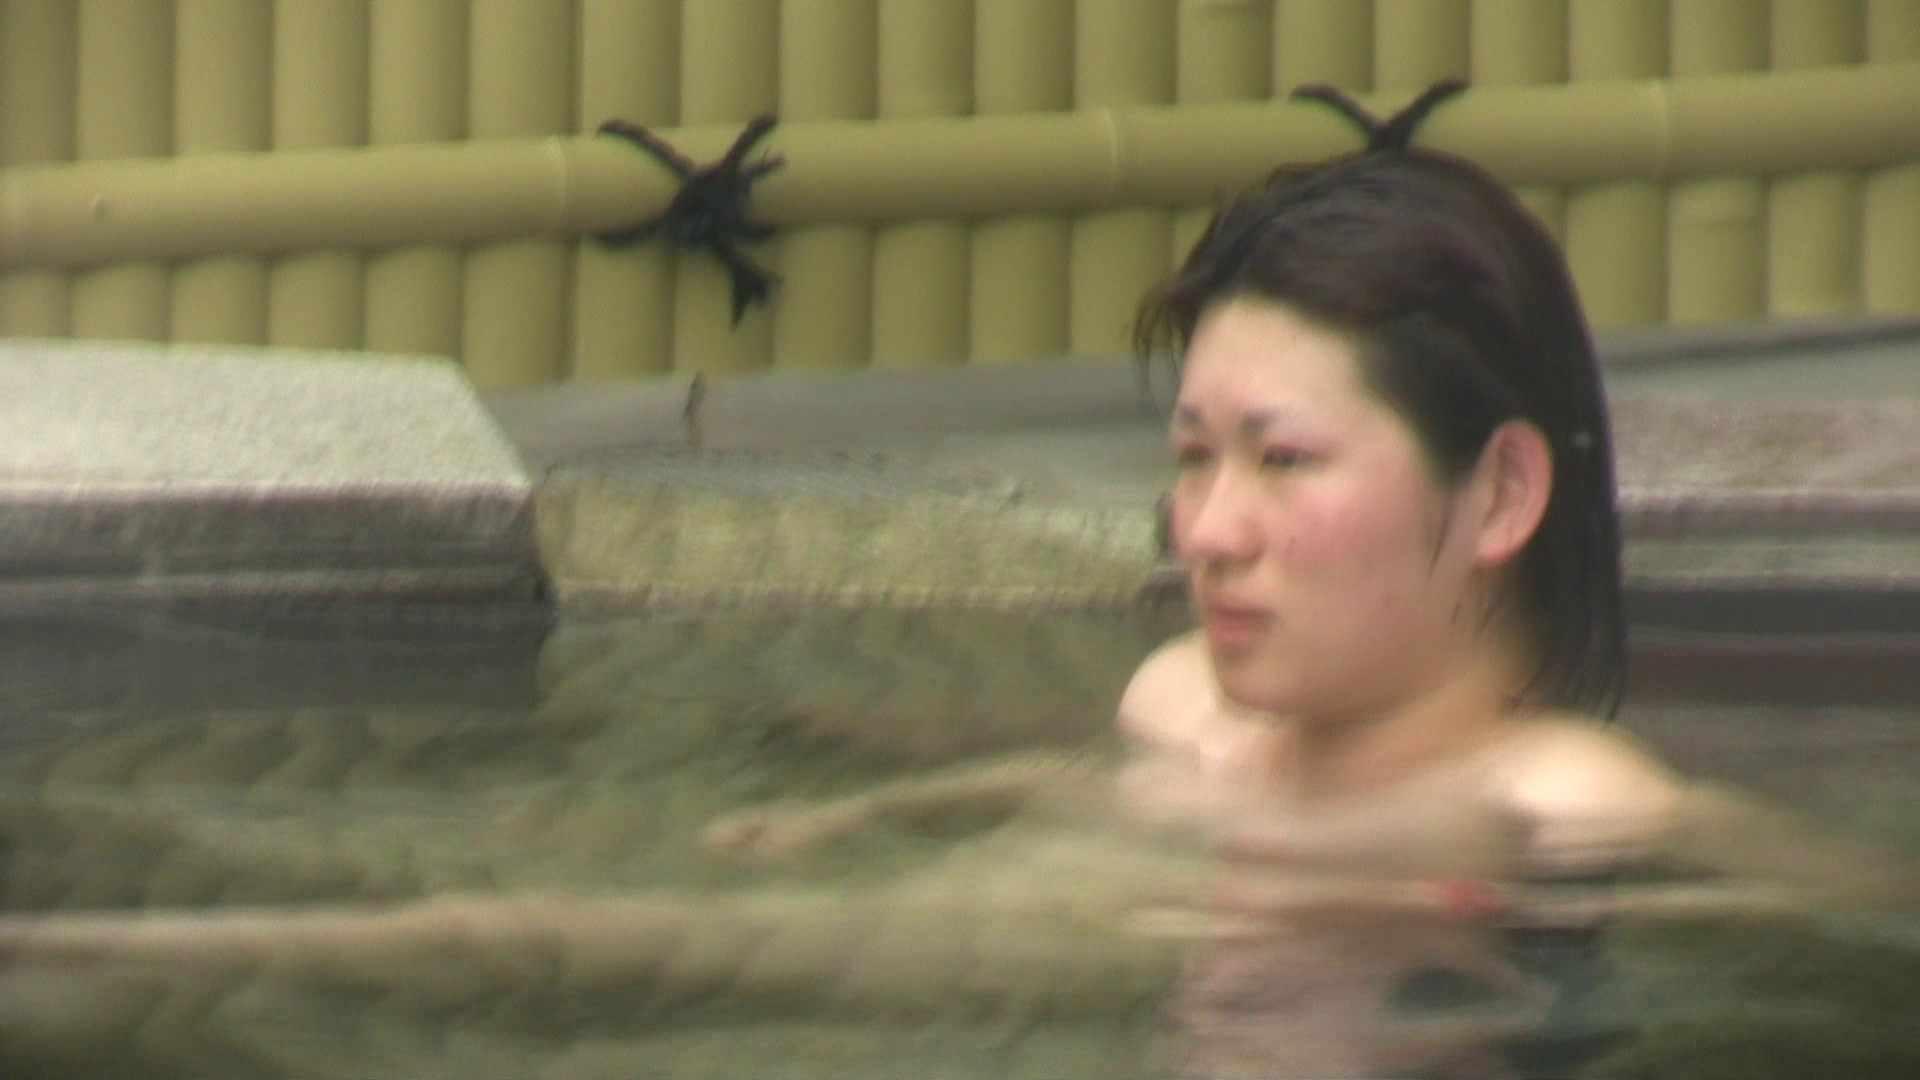 Aquaな露天風呂Vol.673 OLエロ画像  104PICs 66